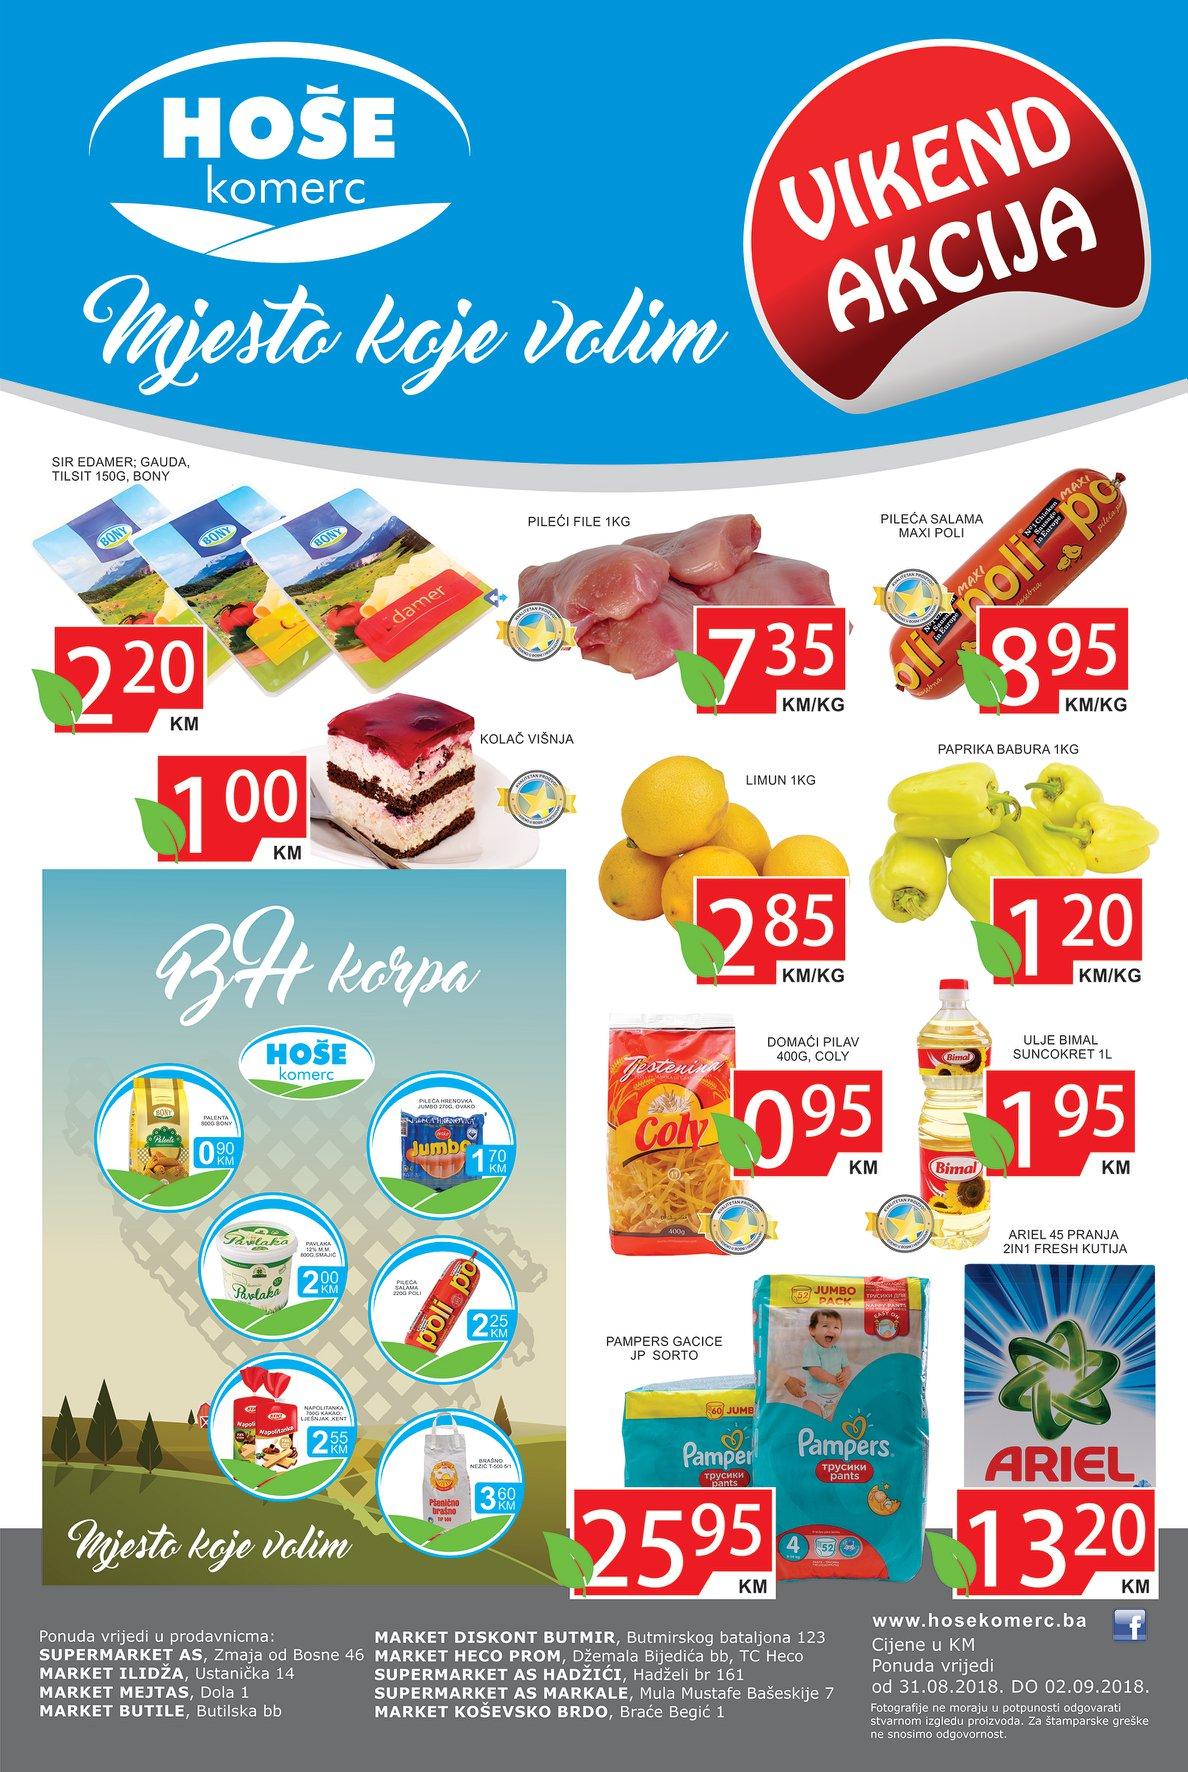 Mjesto koje volim! Nova vikend akcija od 31.08.- 02.09.2018. u Hoše komerc supermarketima.